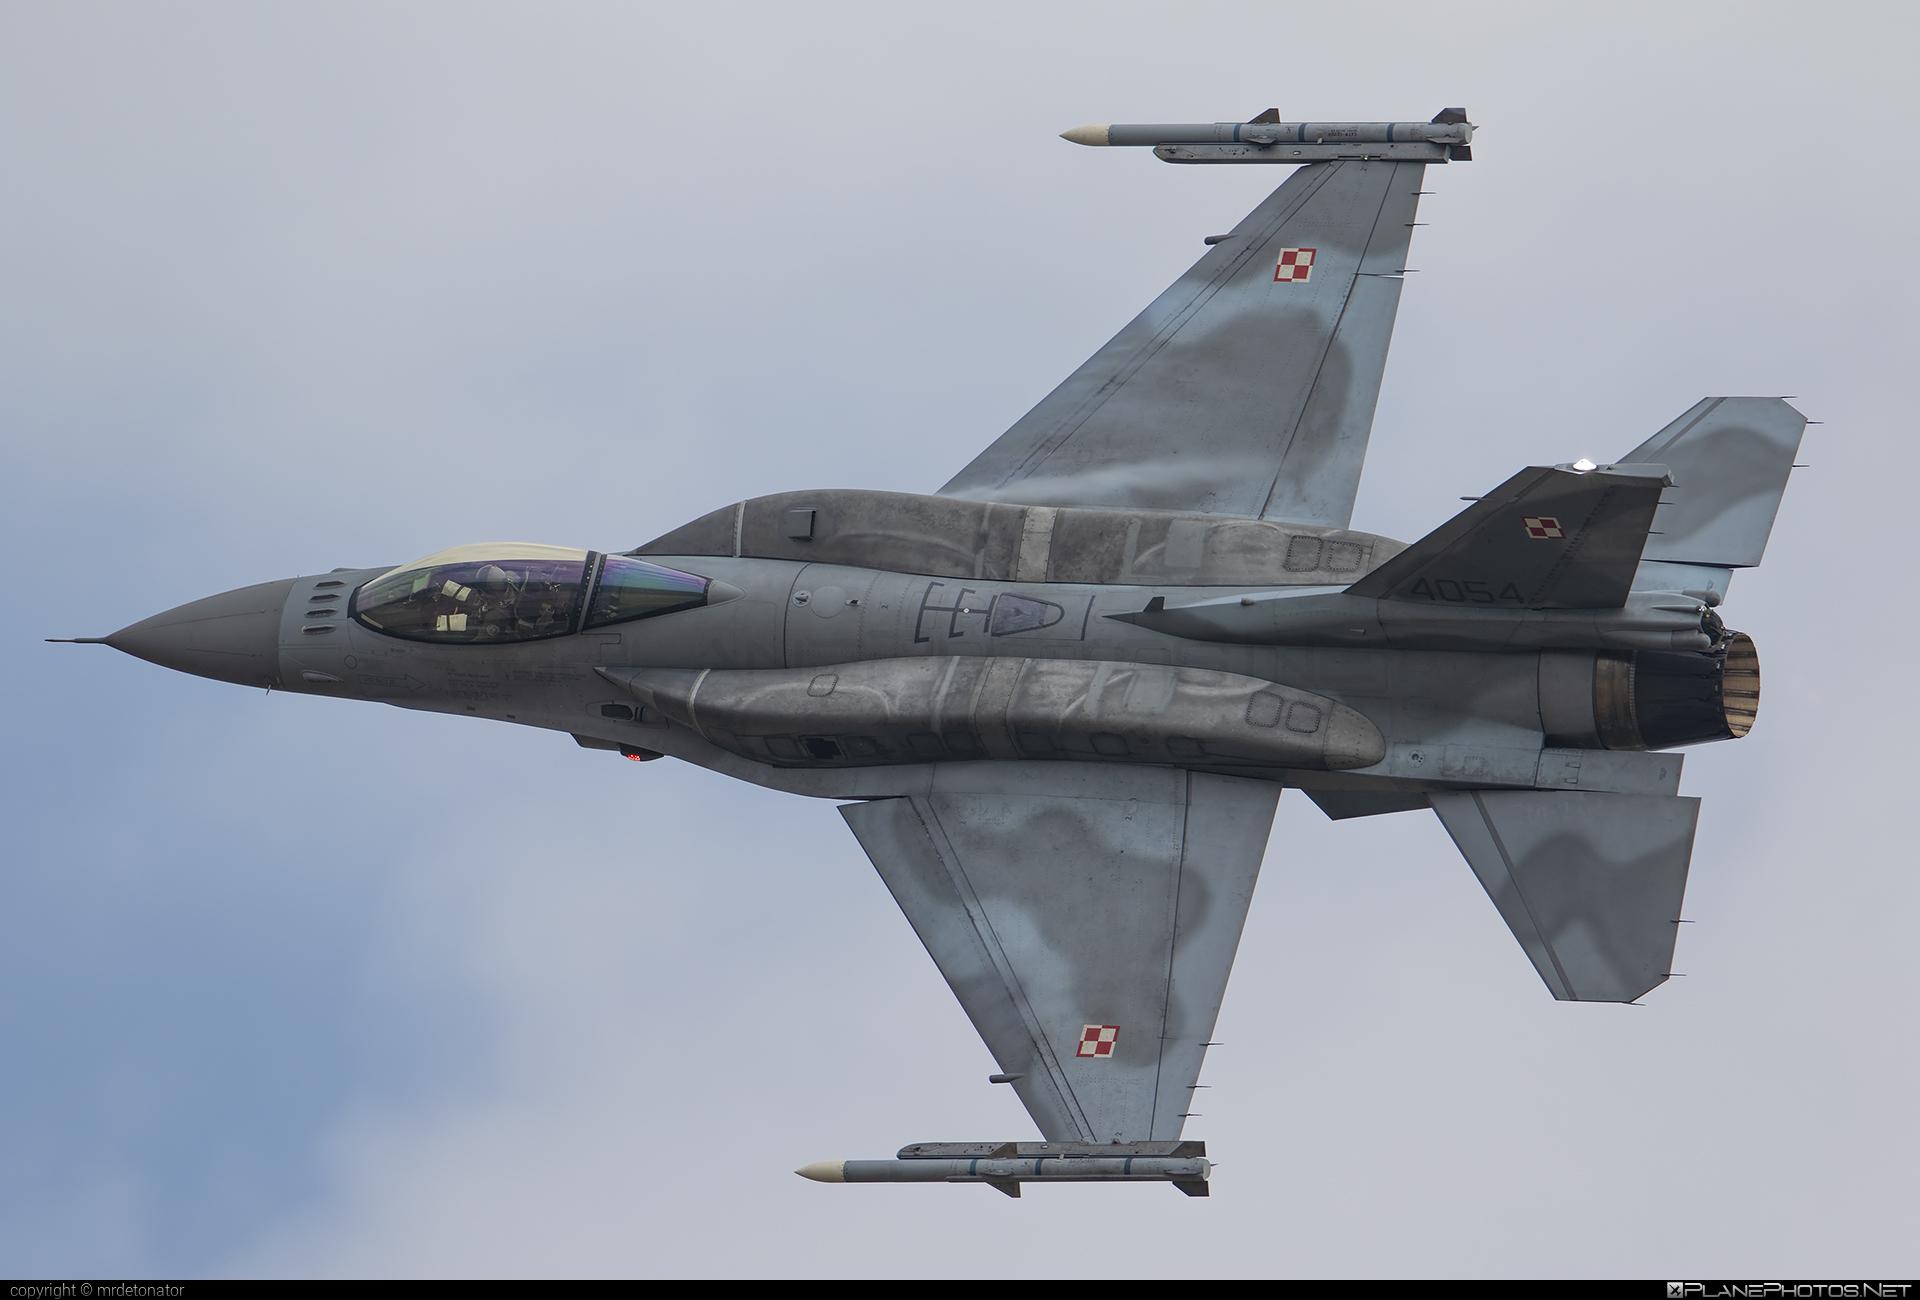 Lockheed Martin F-16CJ Fighting Falcon - 4054 operated by Siły Powietrzne Rzeczypospolitej Polskiej (Polish Air Force) #f16 #f16cj #fightingfalcon #lockheedmartin #polishairforce #siaf2018 #silypowietrzne